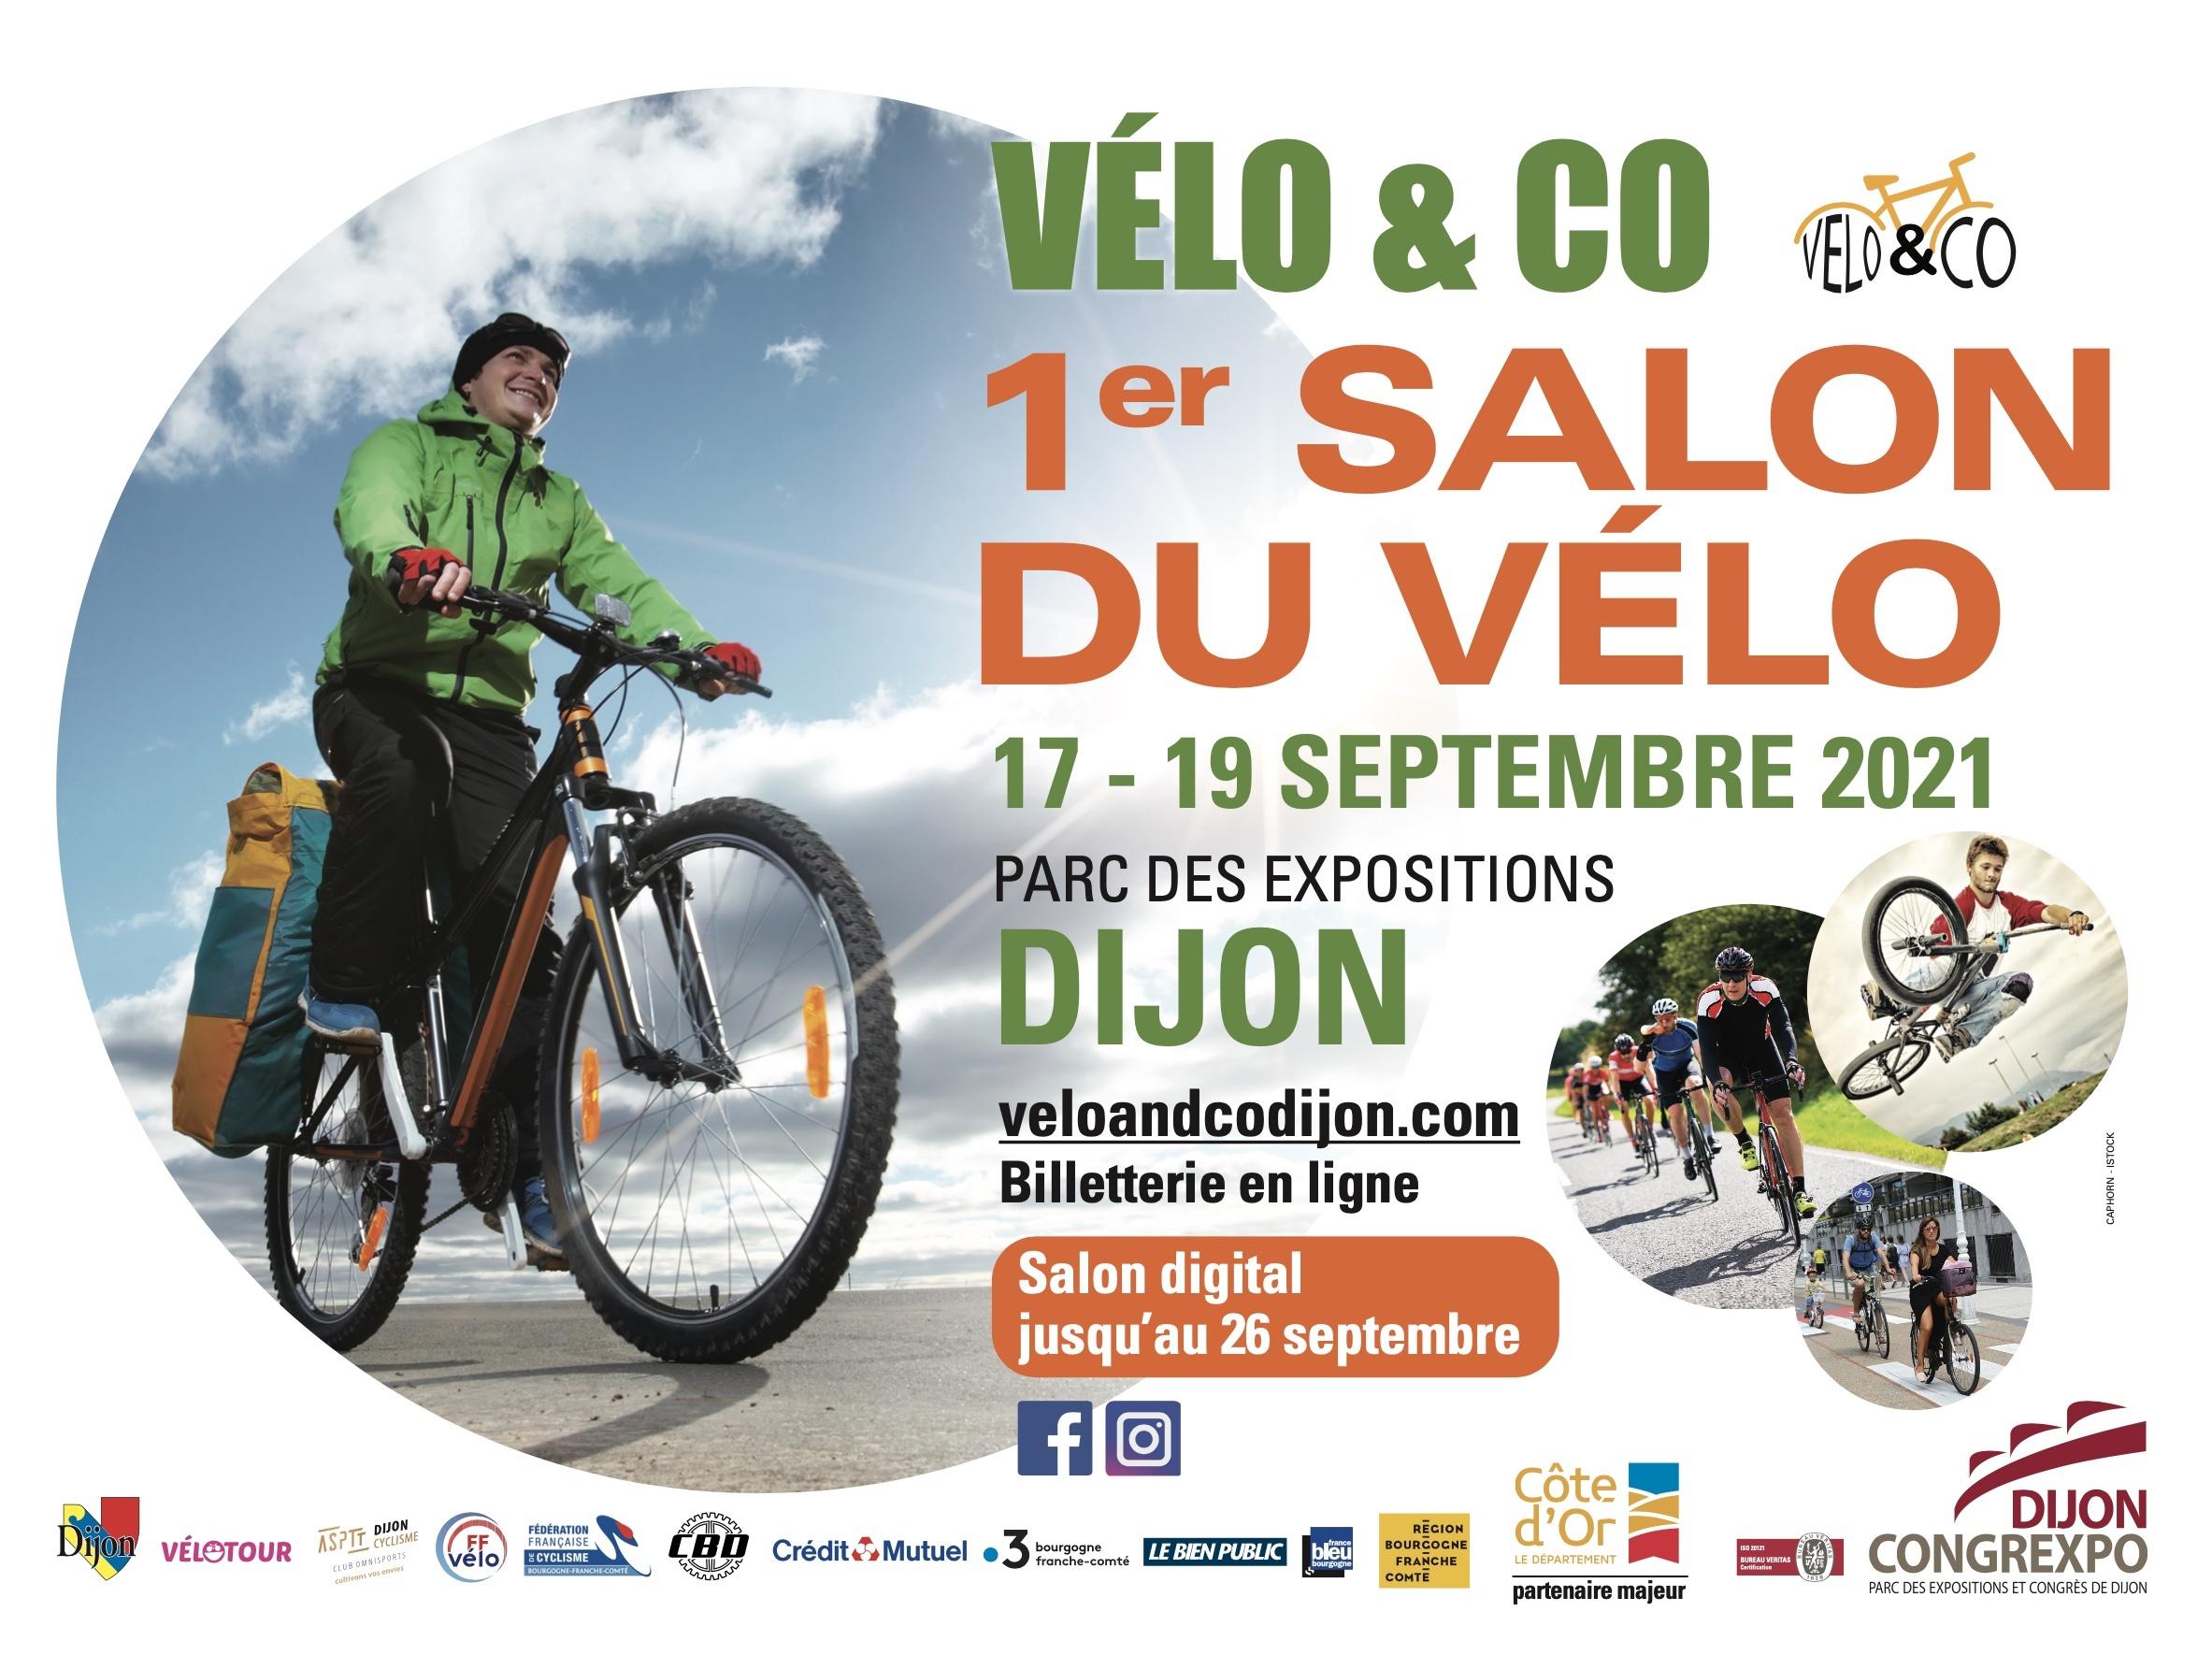 Dijon Congrexpo se remet en selle avec le salon Vélo & Co